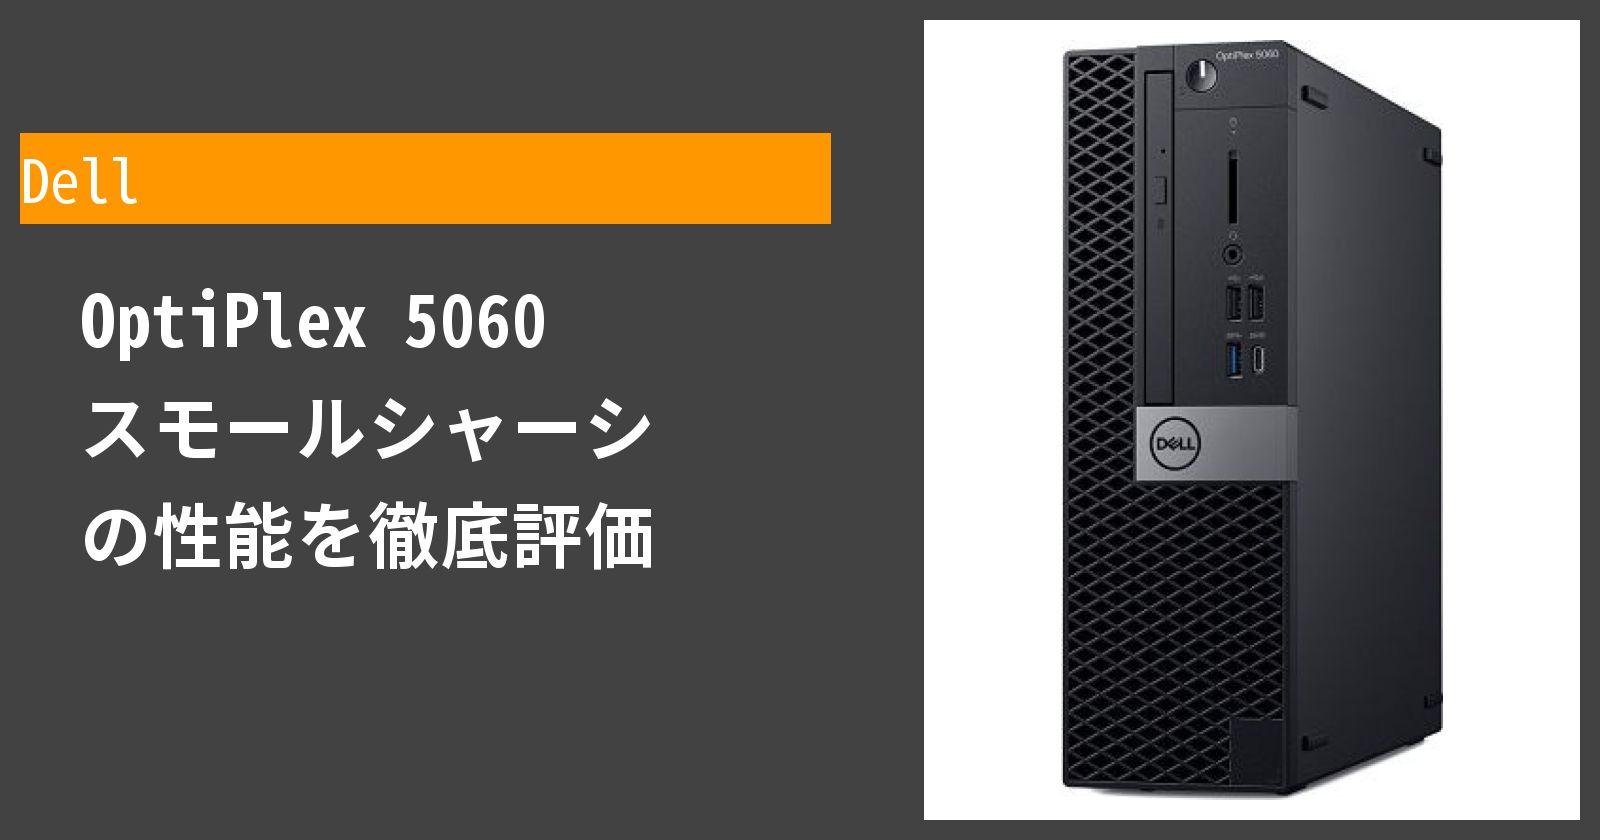 OptiPlex 5060 スモールシャーシ の性能を徹底評価